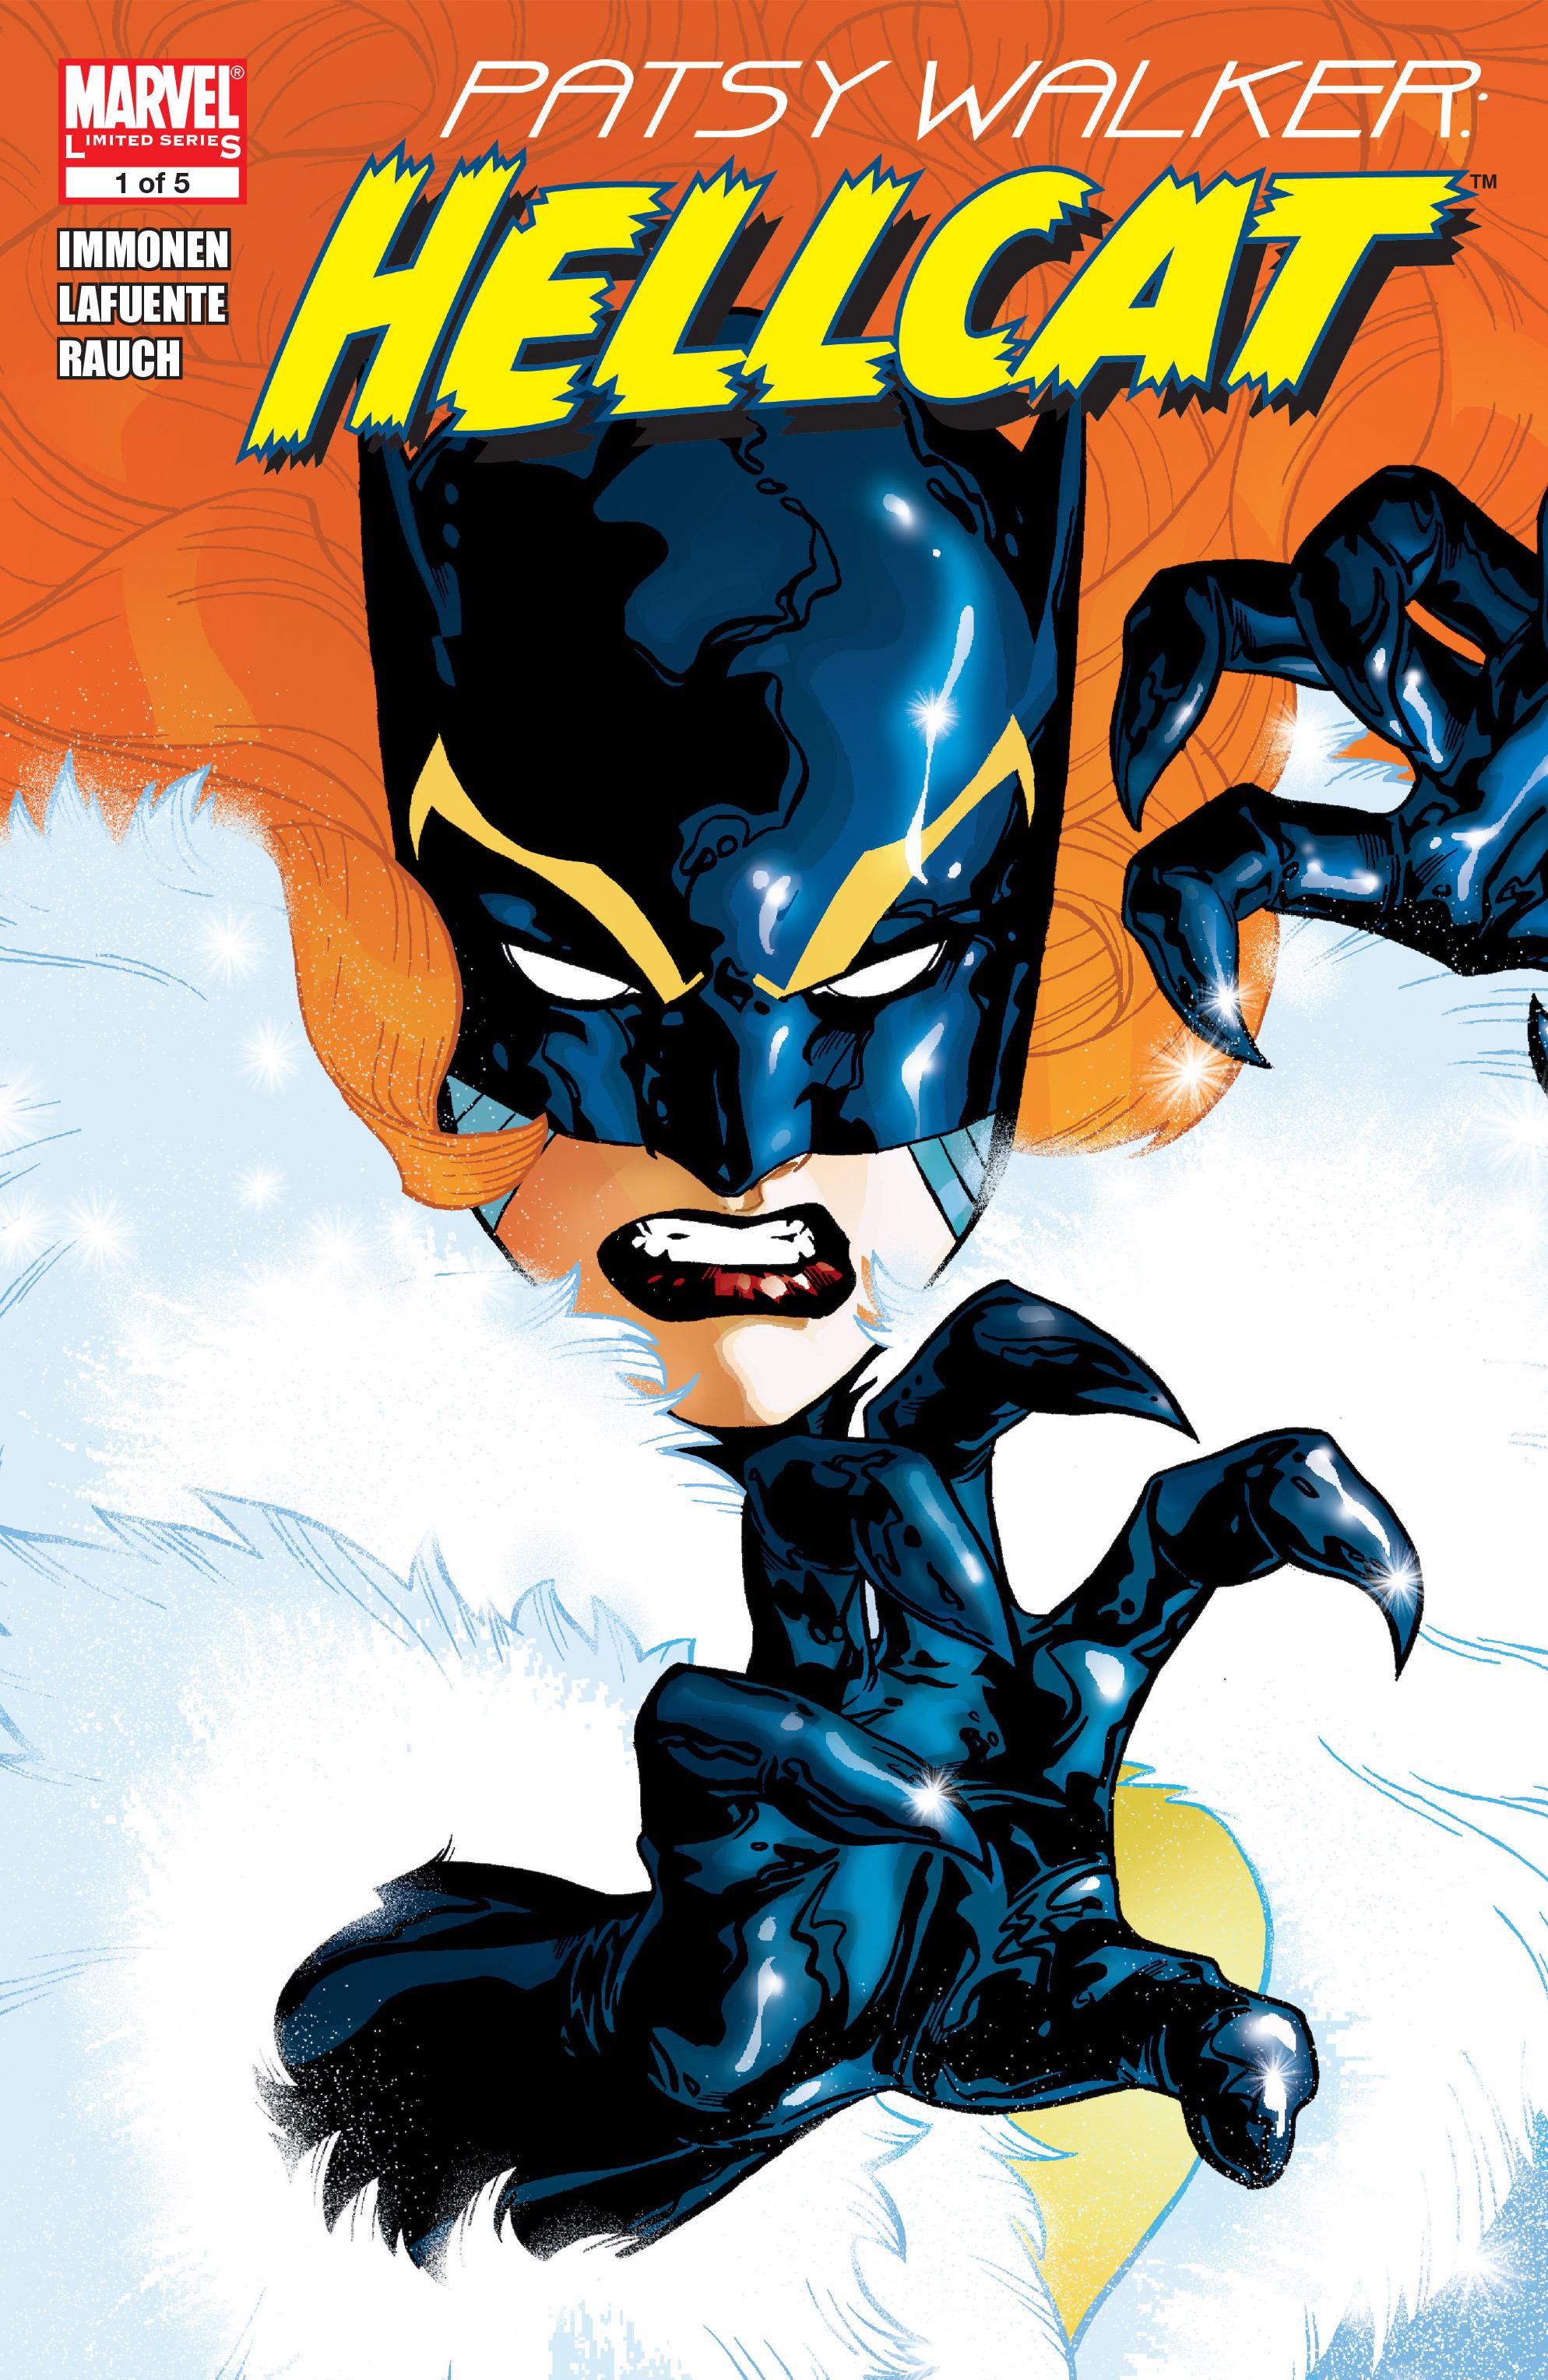 Patsy Walker: Hellcat Vol 1 1